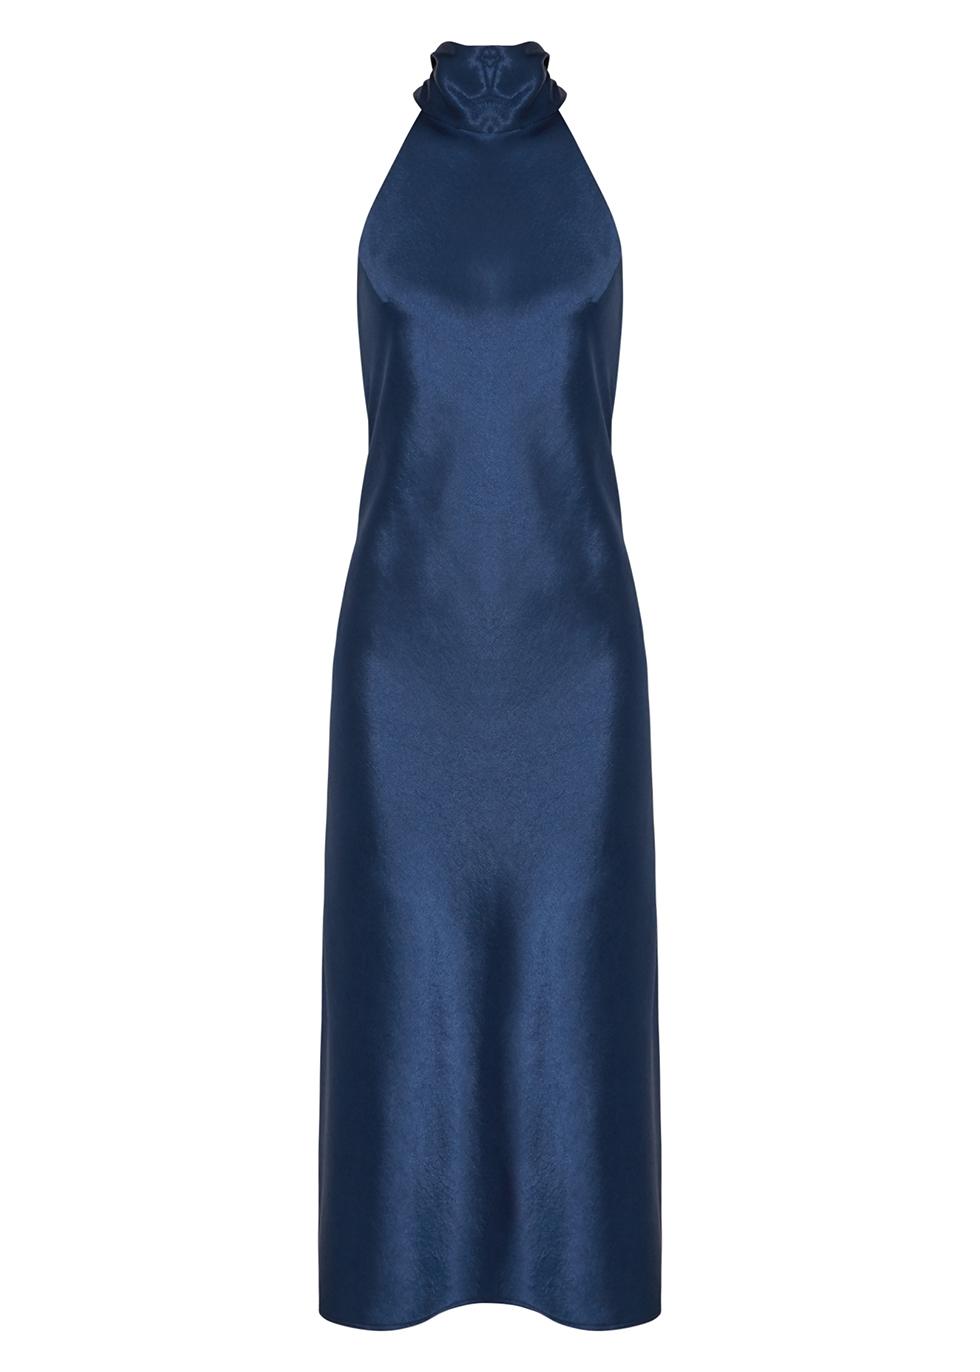 Sienna navy halterneck satin gown